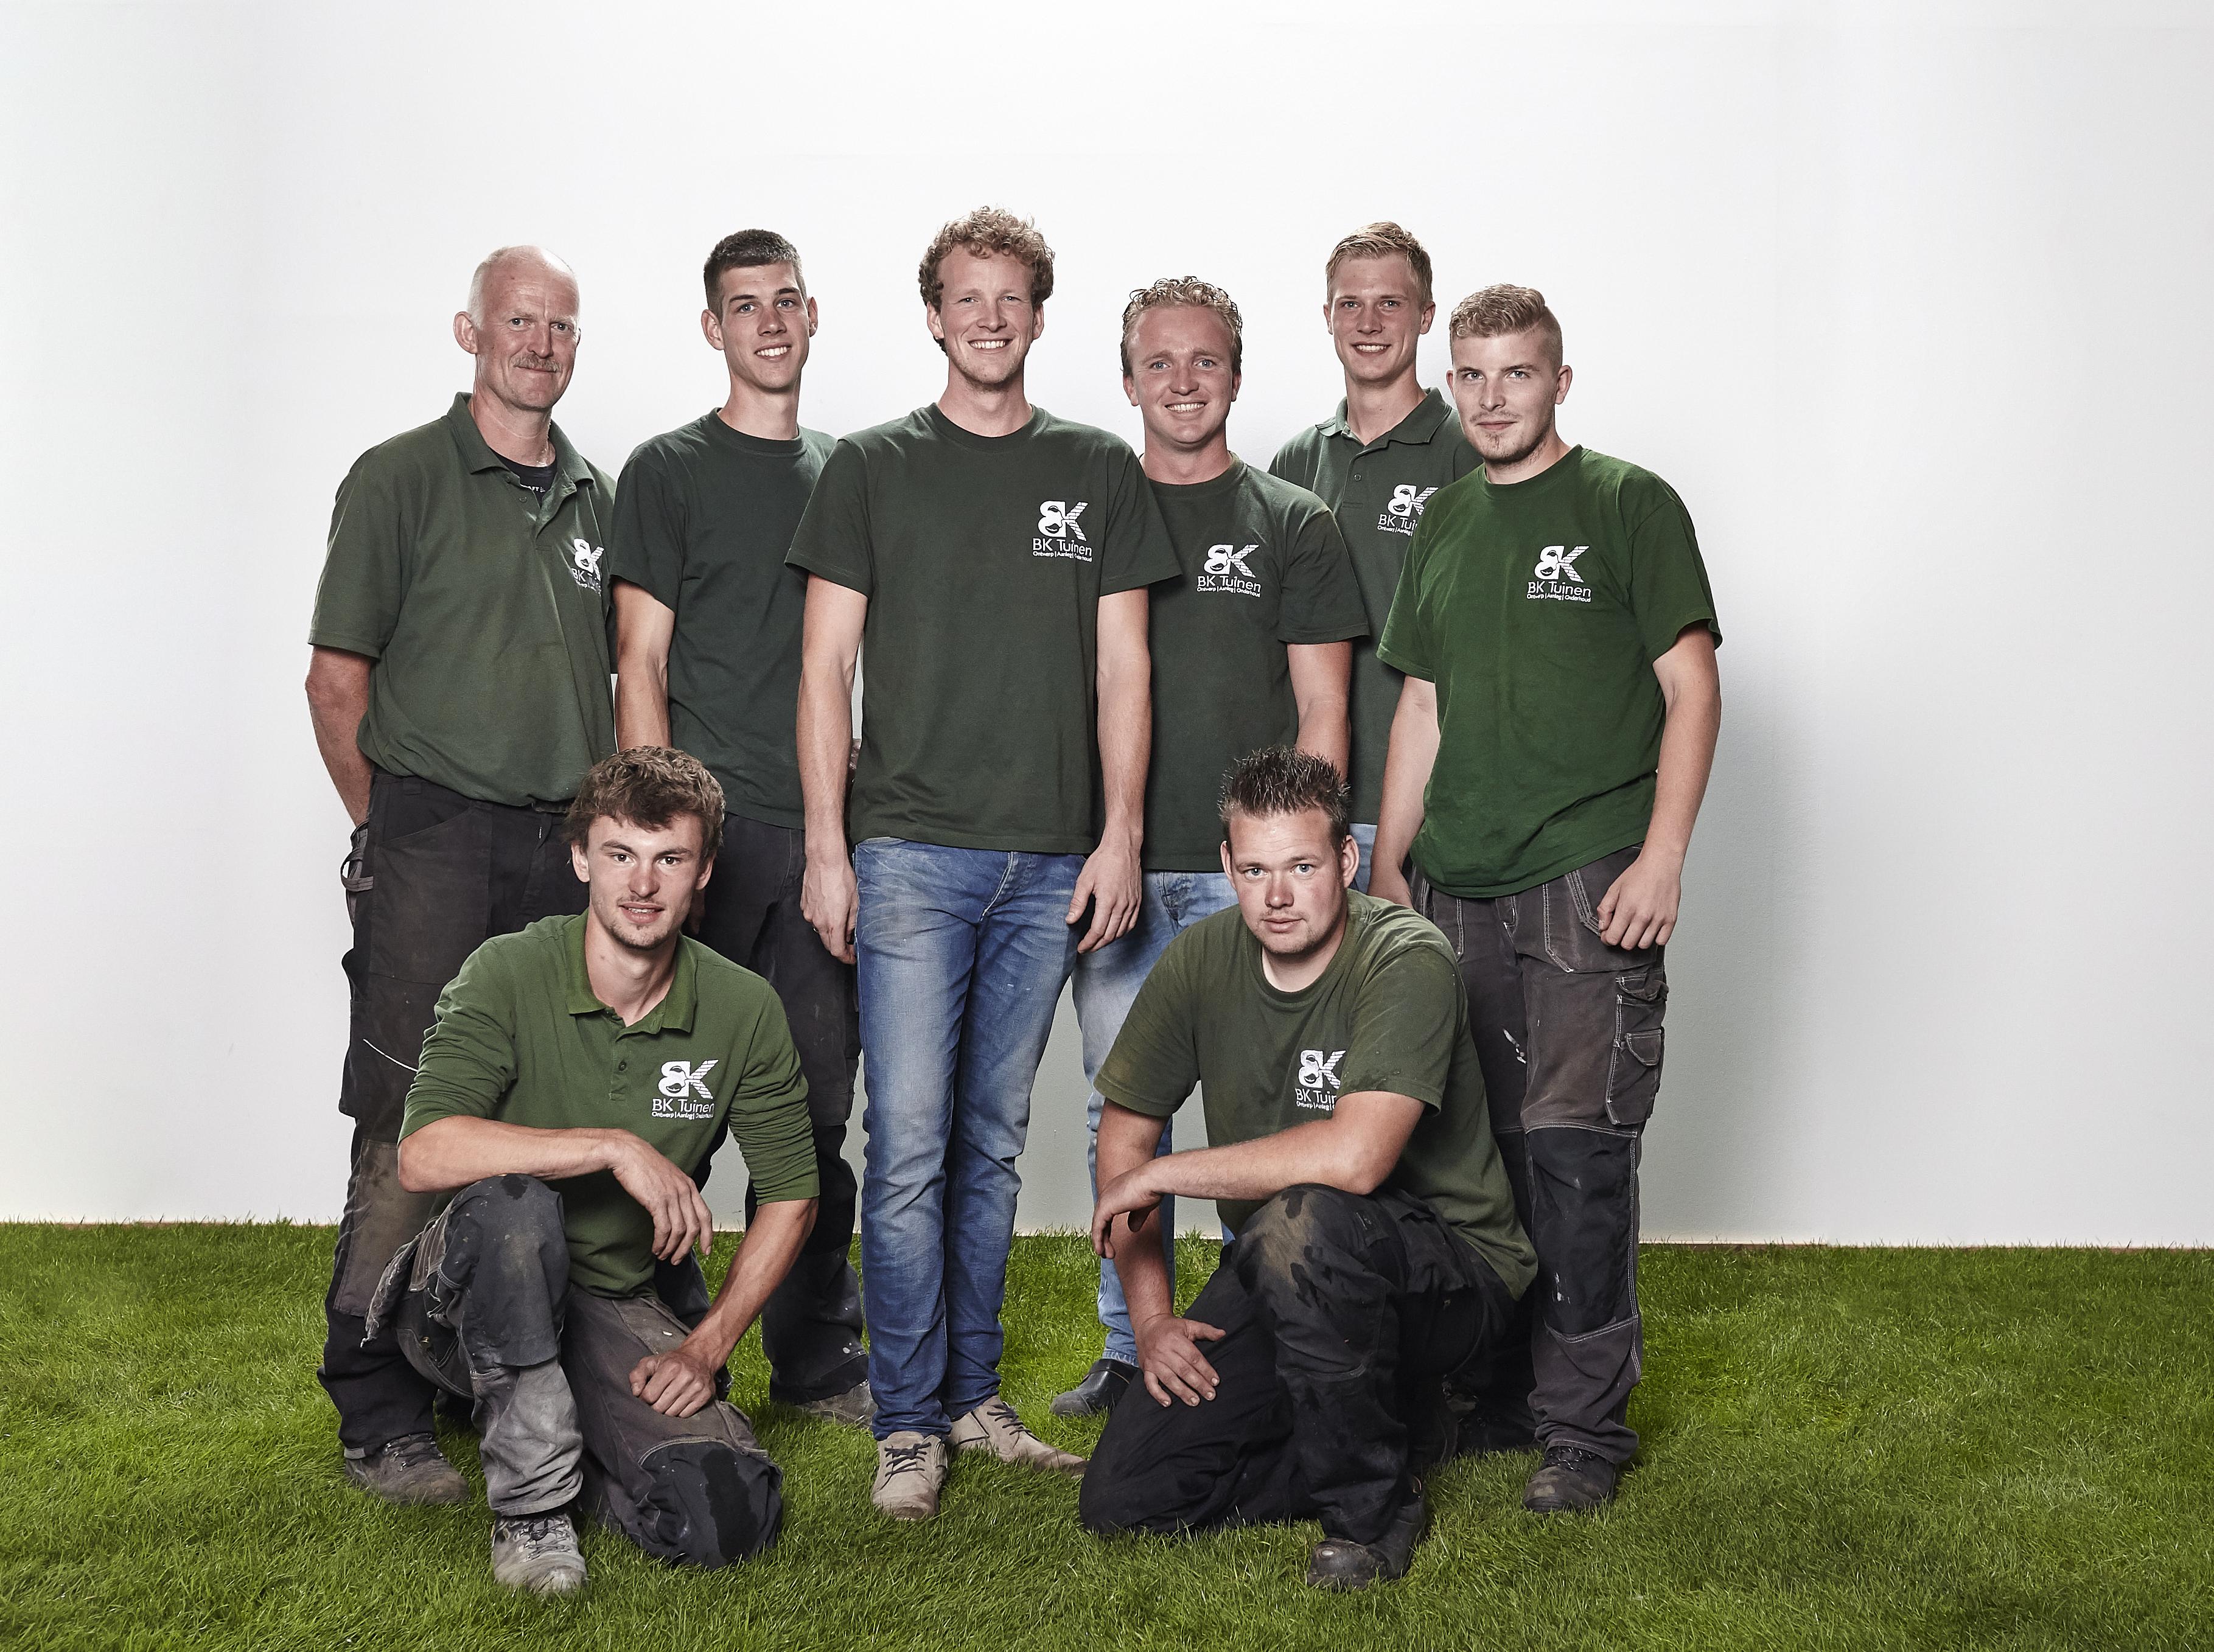 teamfoto BK Tuinen